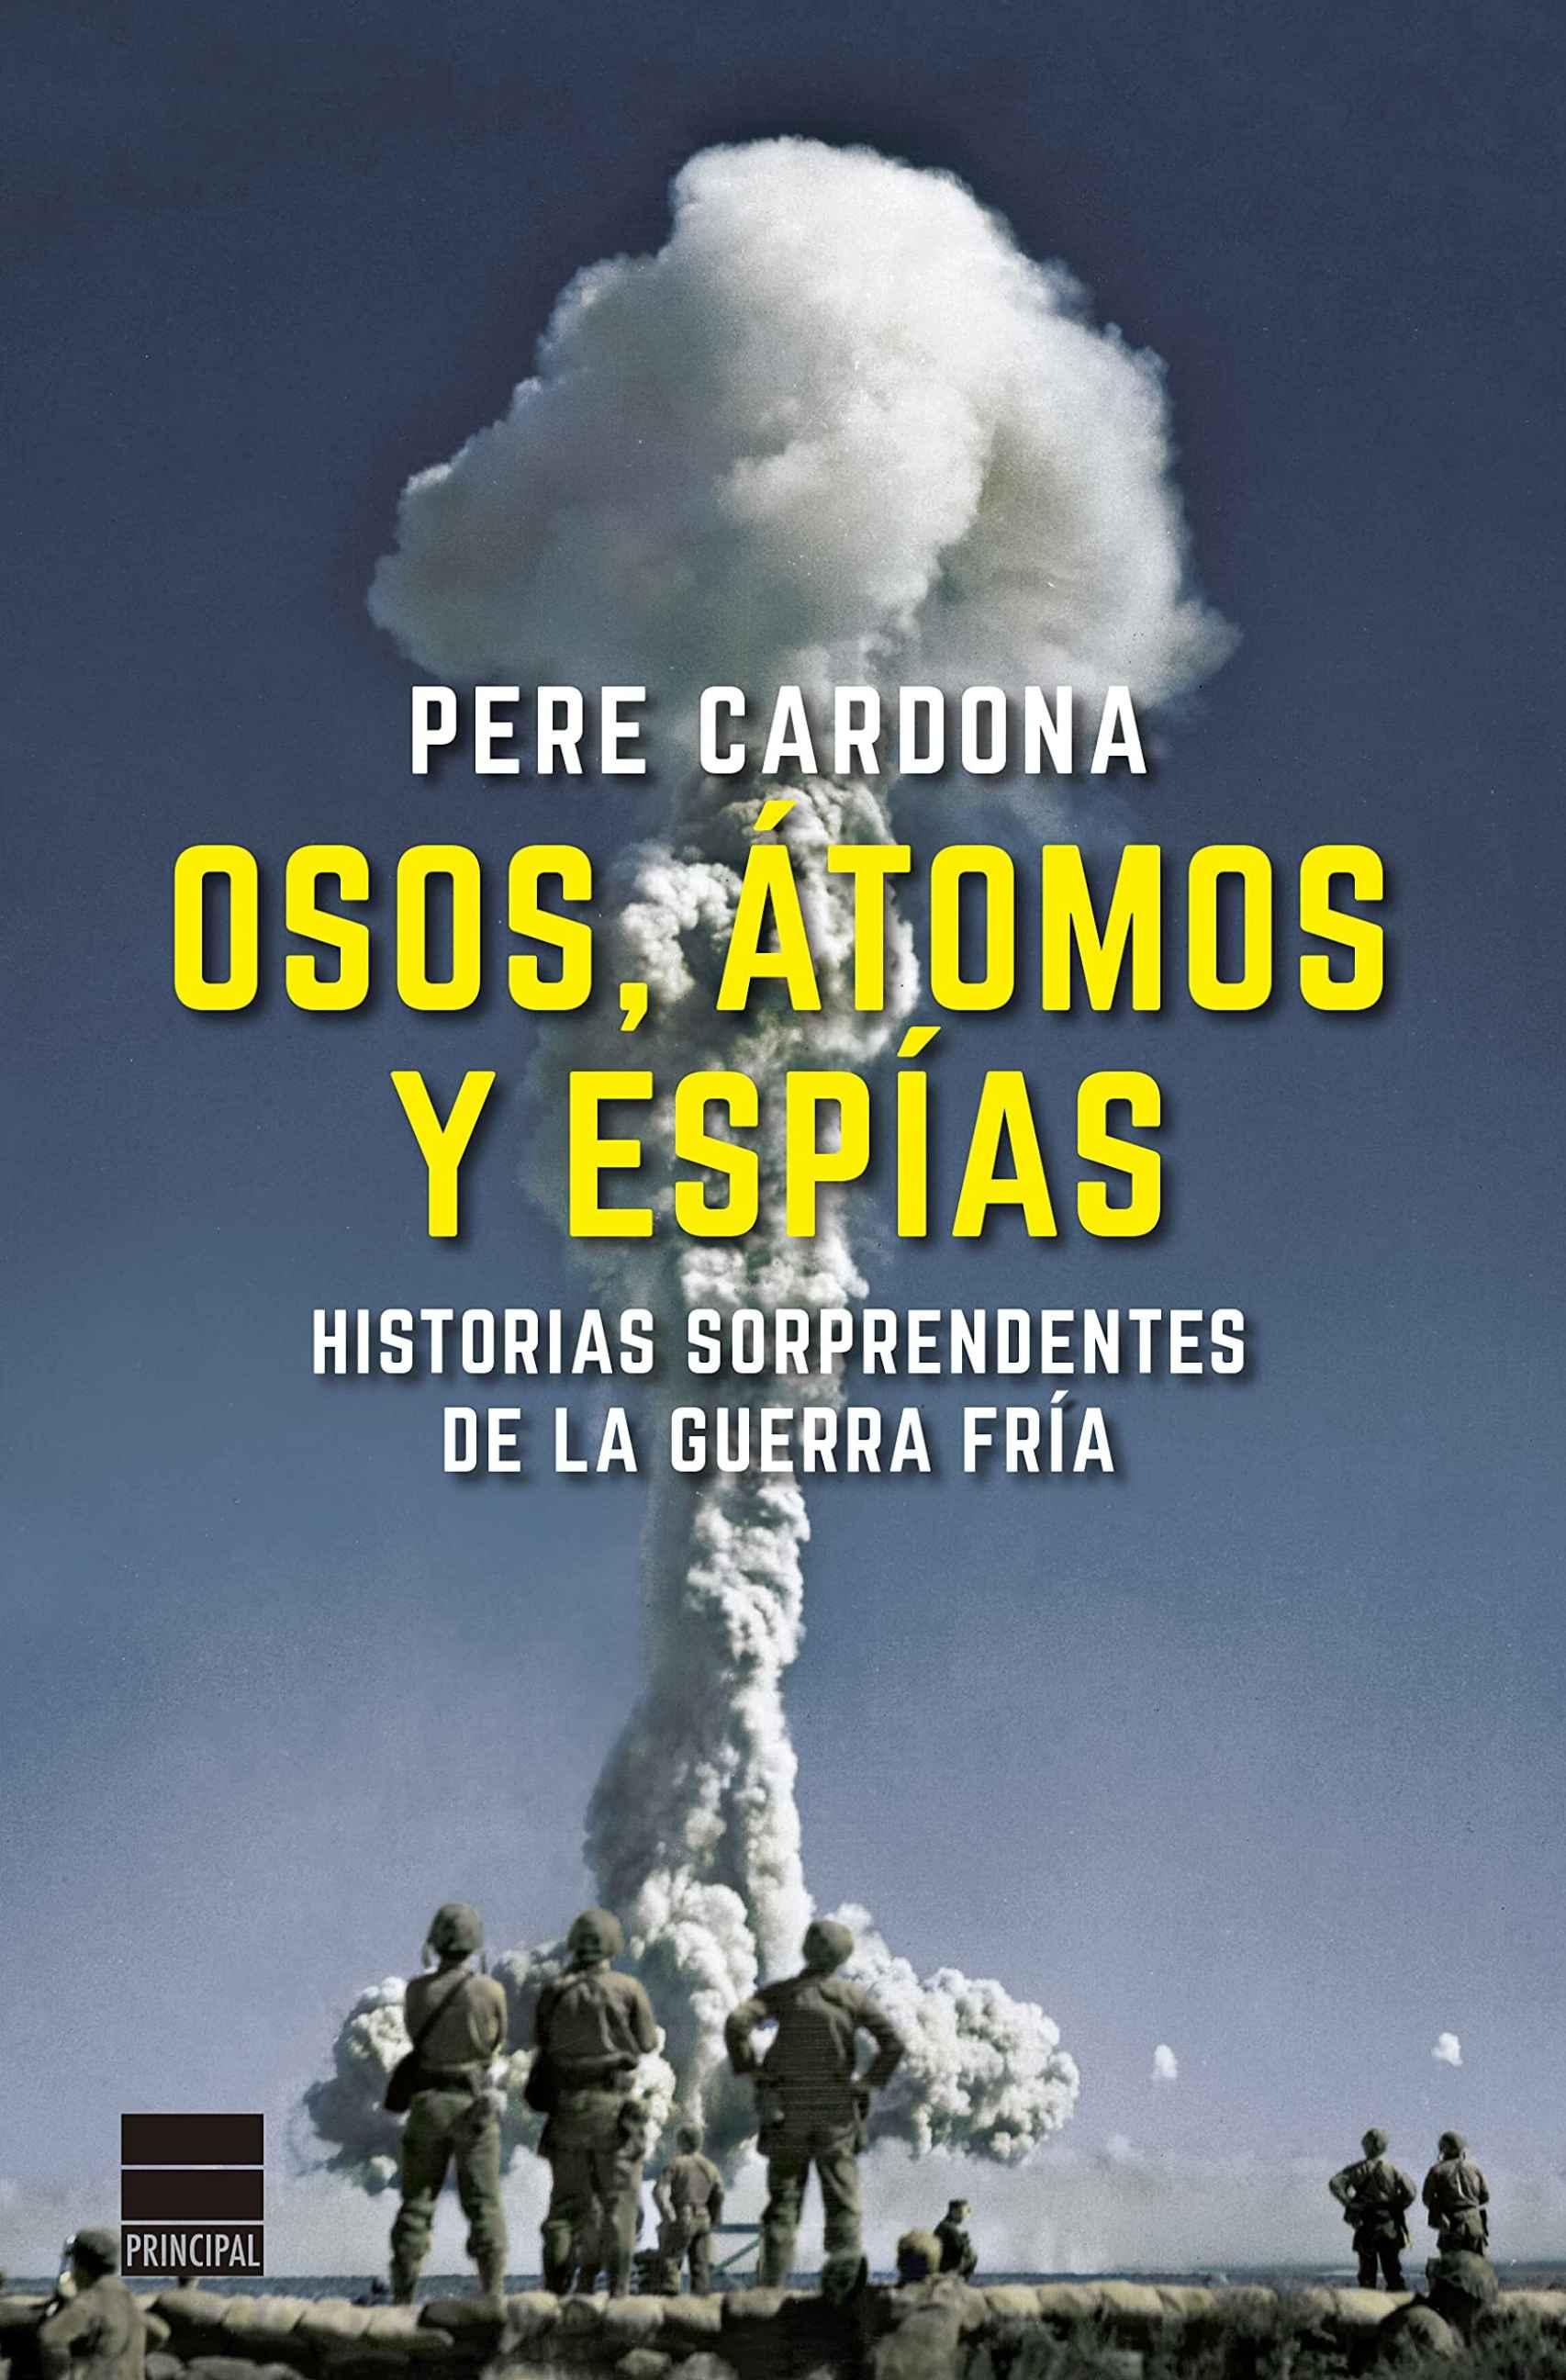 Portada de 'Osos, átomos y espías' de Pere Cardona.